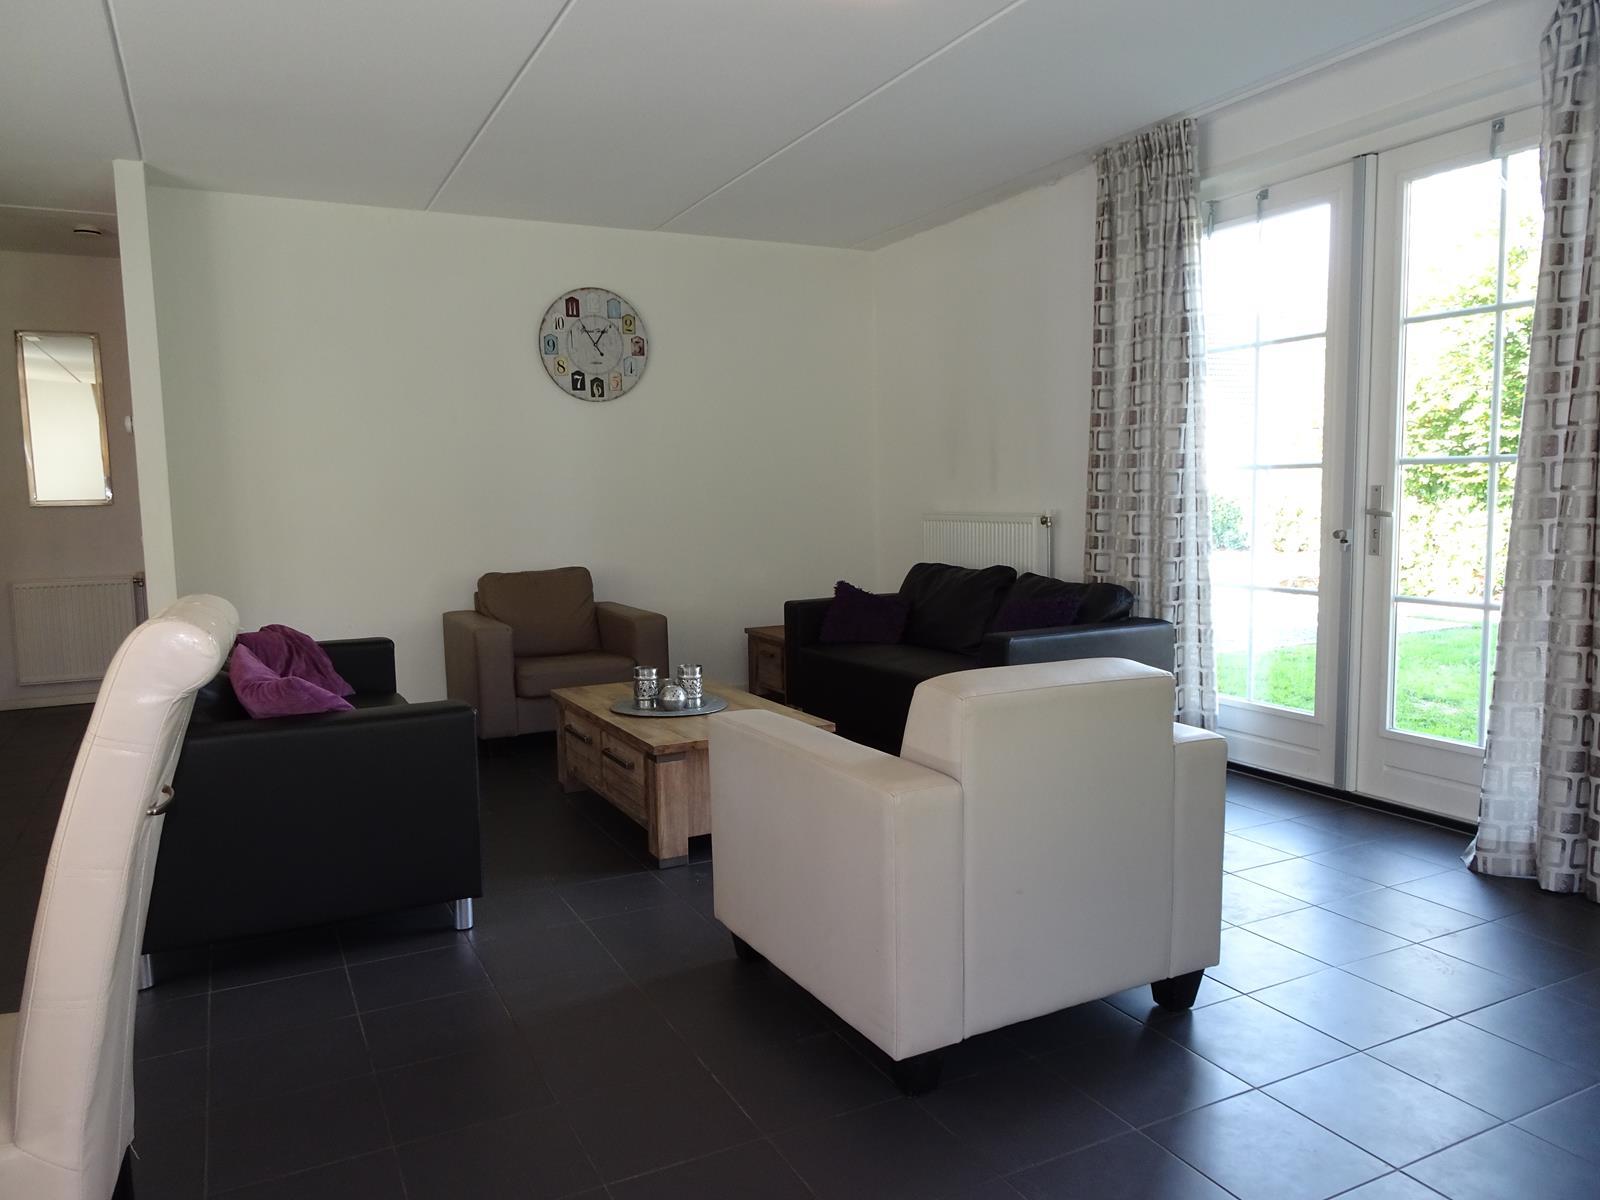 Vakantiehuis te koop Susteren K800 033.jpg